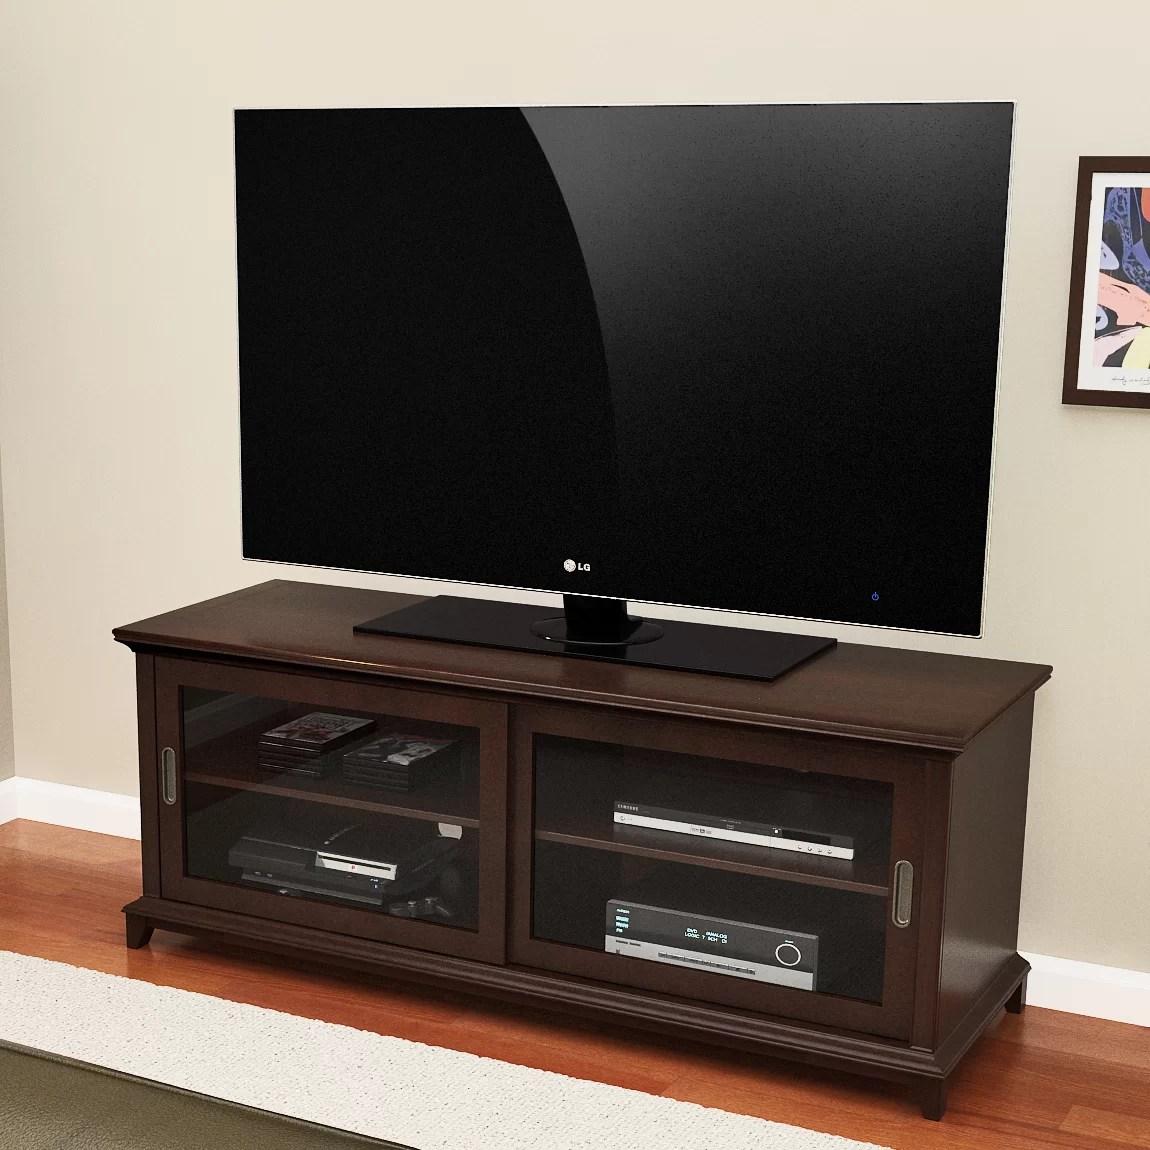 ZLine Designs Canteburry TV Stand  Reviews  Wayfair